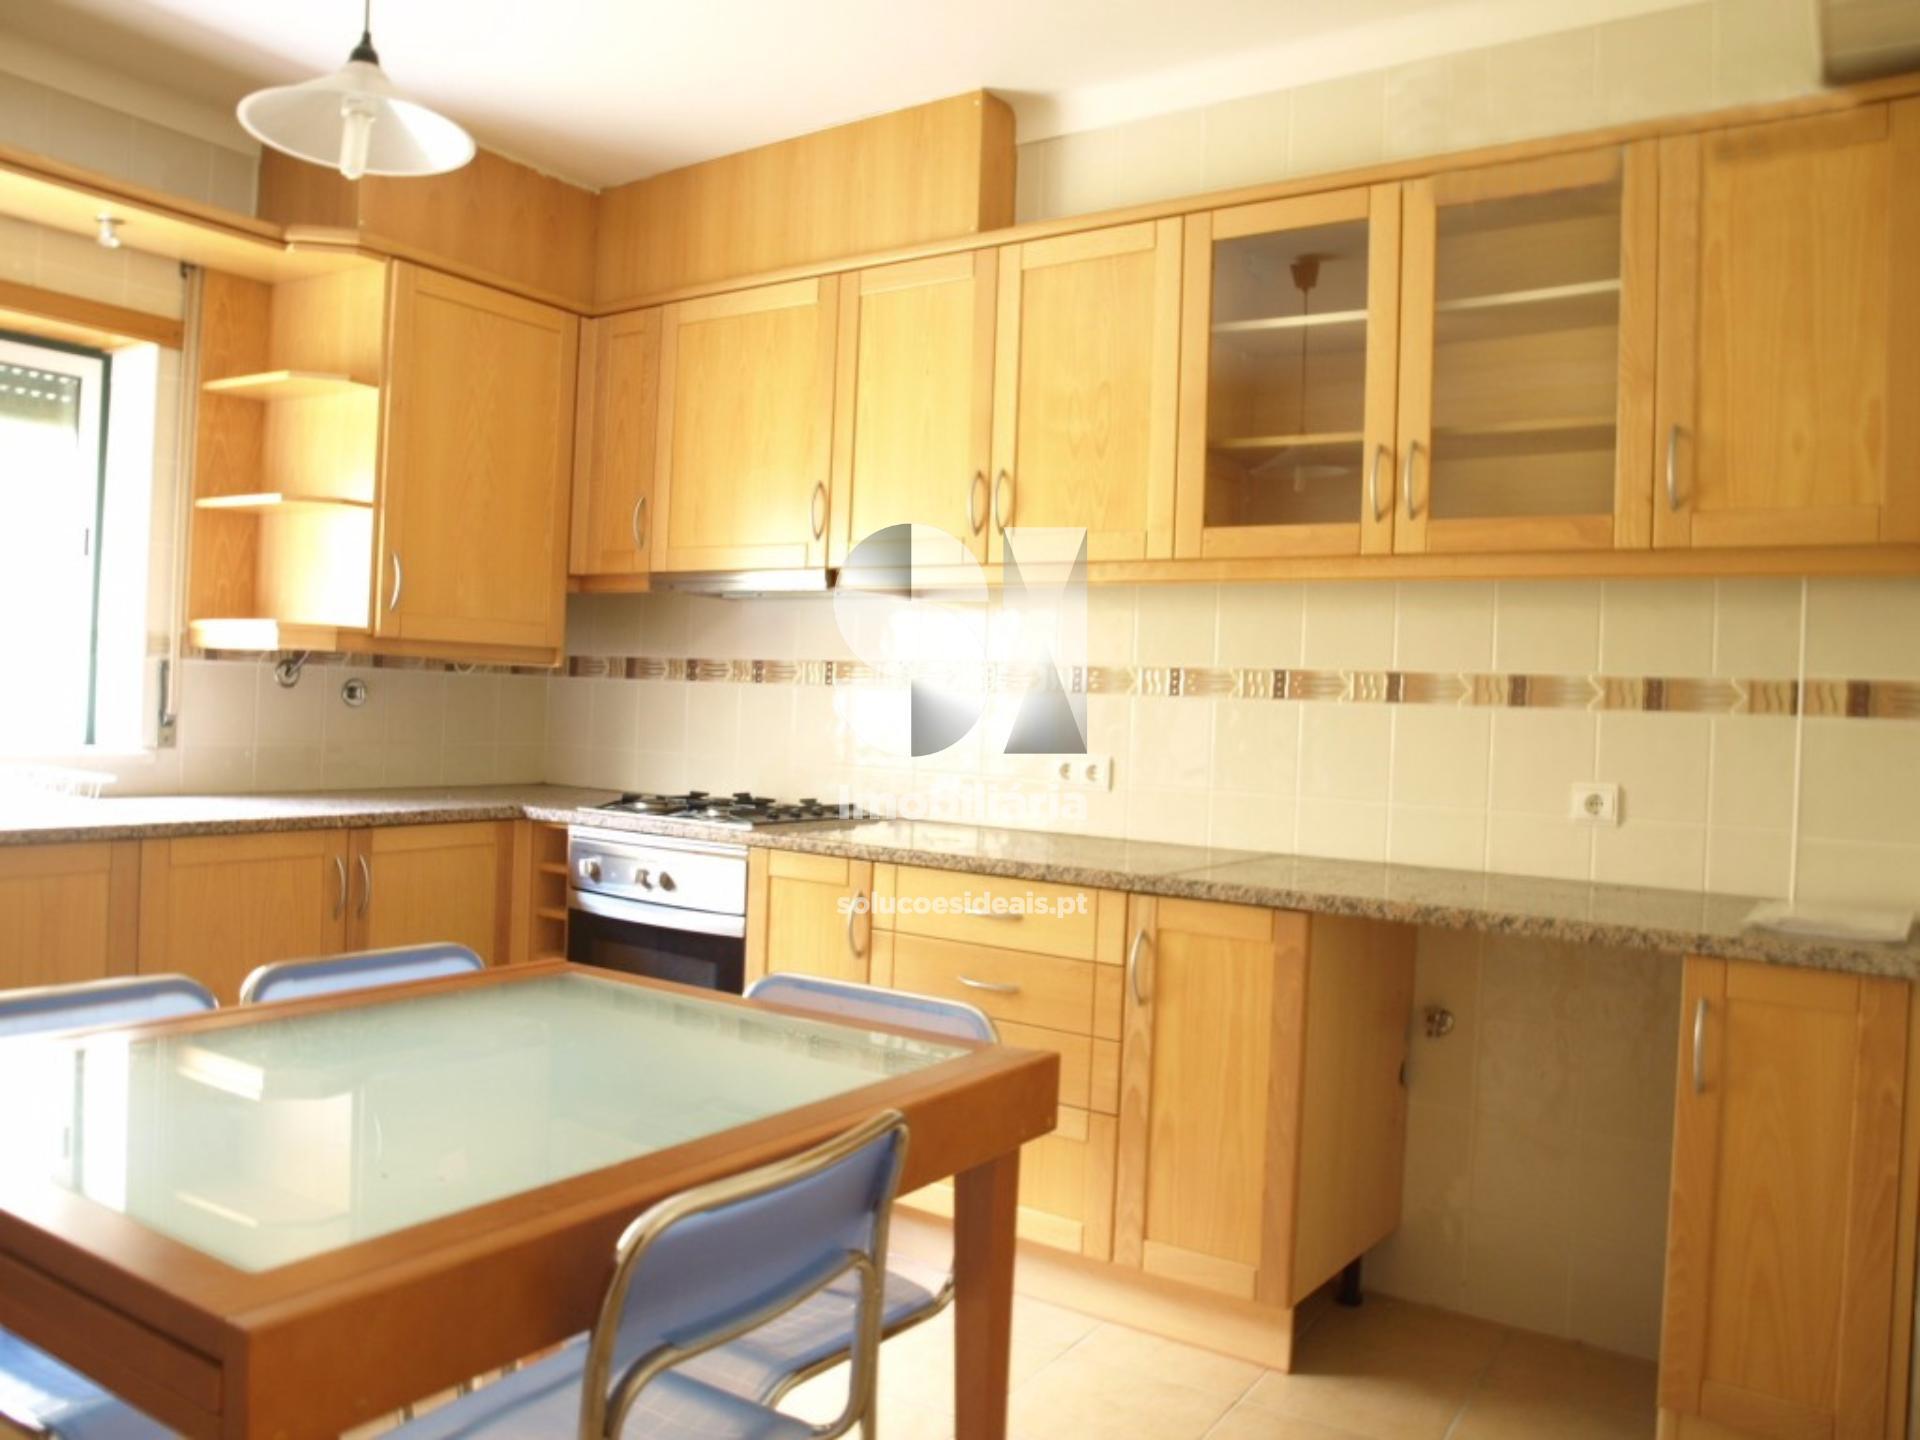 apartamento t2 duplex para compra em figueira da foz buarcos e sao juliao buarcos FIGMAN2464